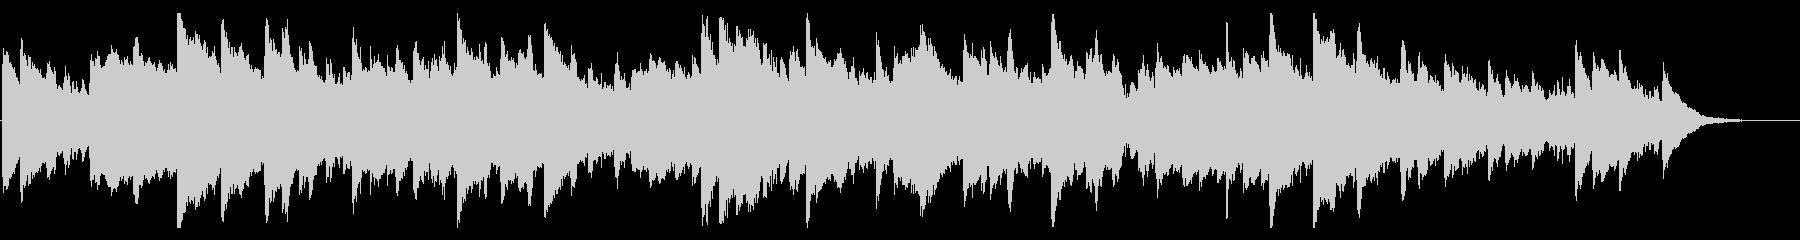 メルヘン 鉄琴 グロッケン チェレスタの未再生の波形